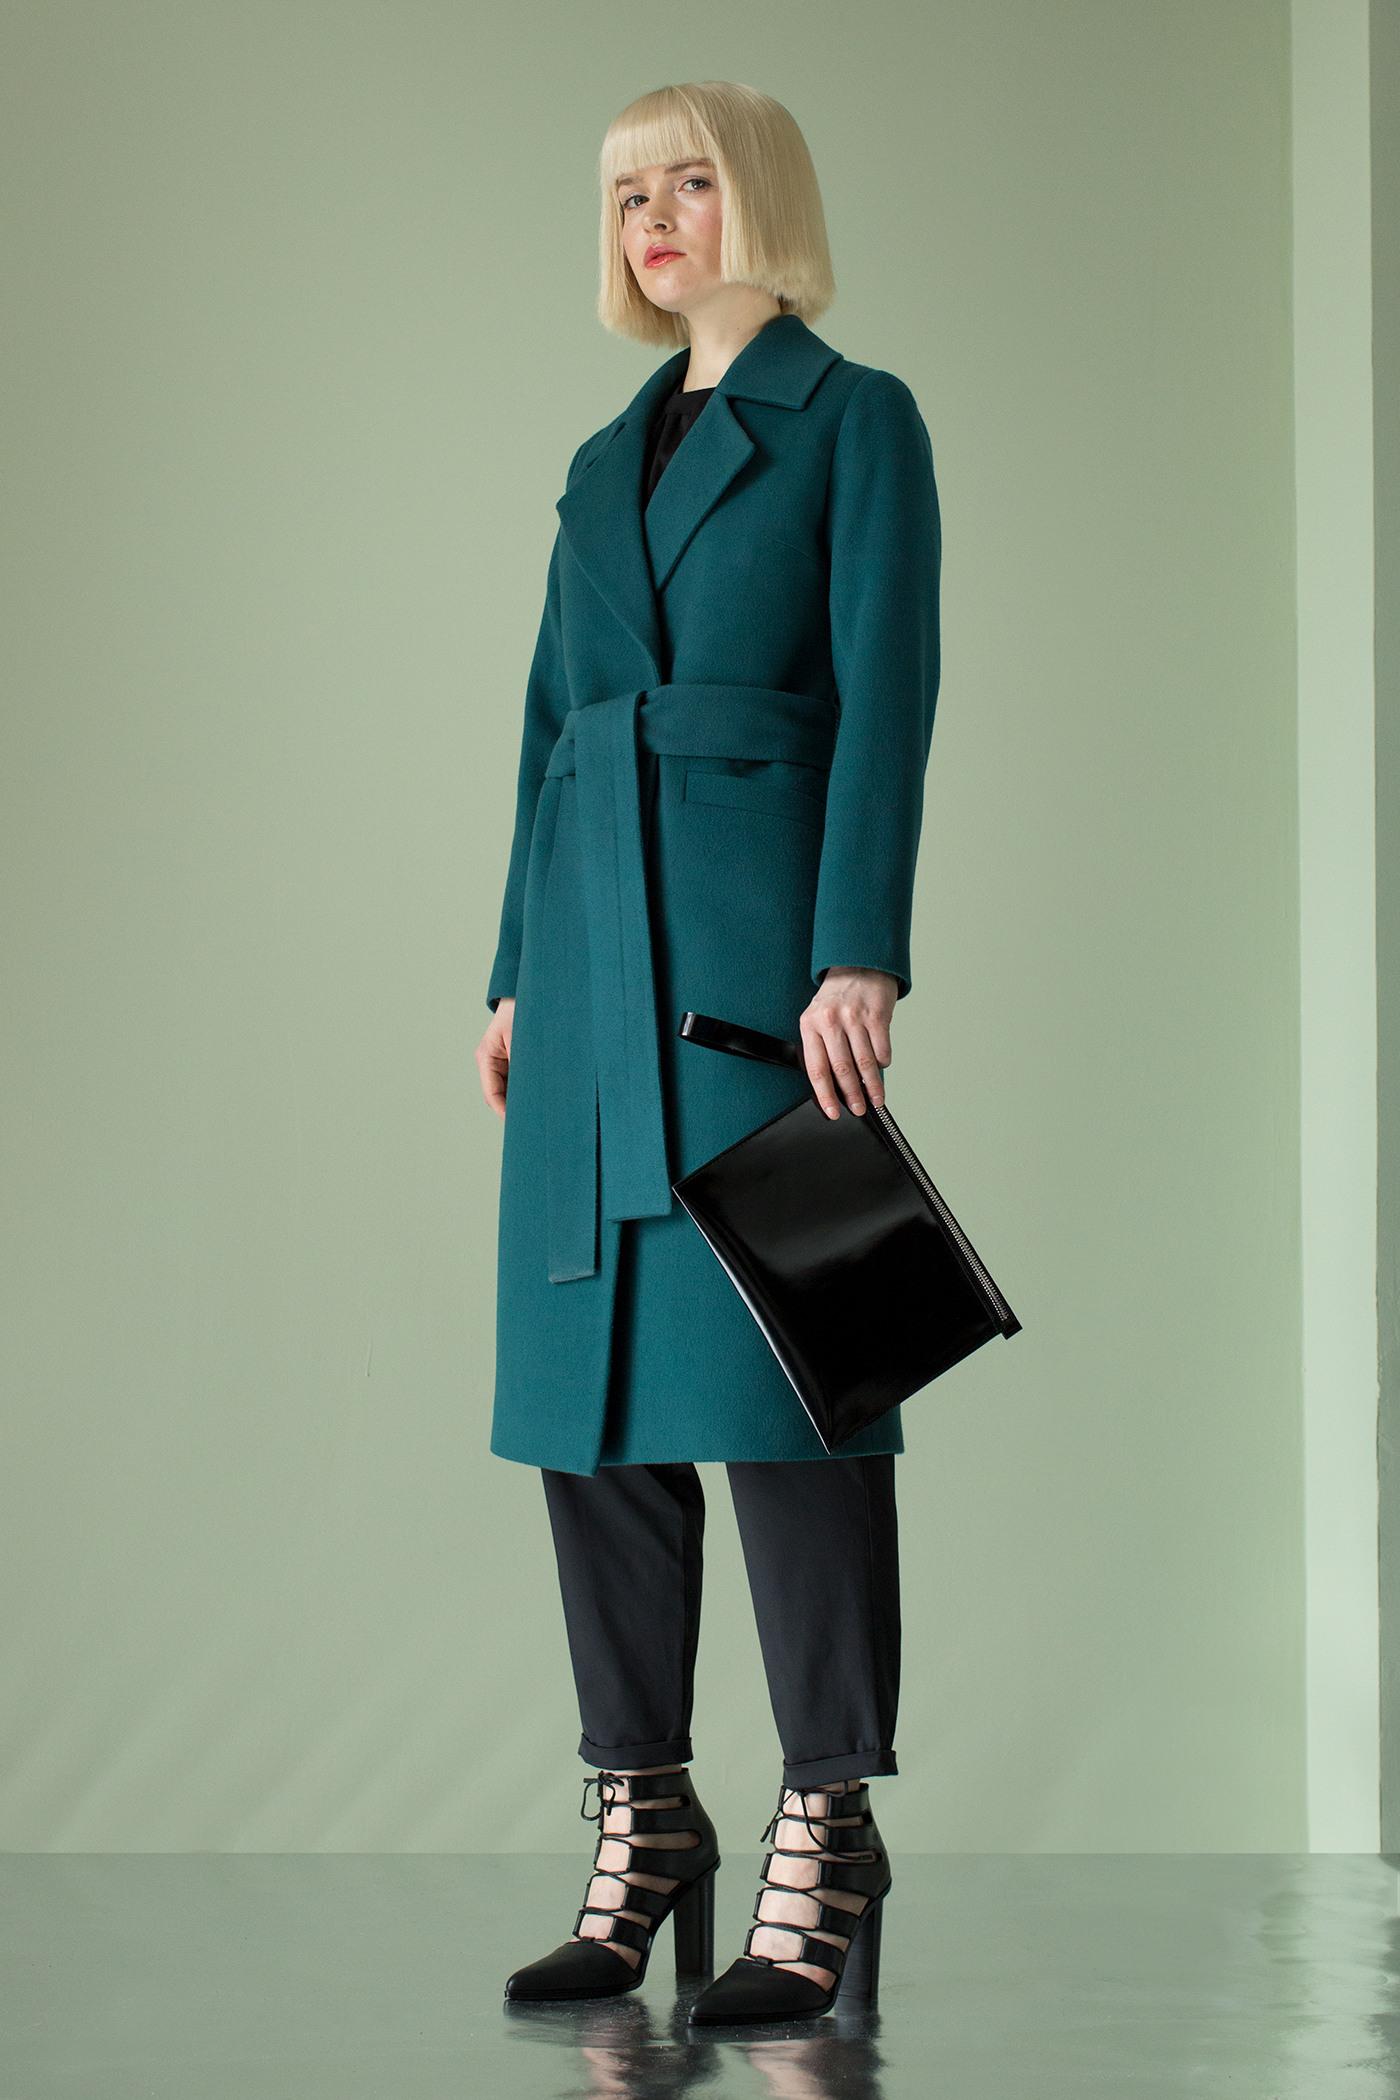 Пальто - ВЕНАПальто<br>Пальто с английским воротником&#13;<br>&#13;<br>Элегантное классическое пальто VIENNA (Вена), выполненное из шерсти, станет отличной базой для любого городского гардероба. Рекомендуемый тепловой режим: от +15 до - 8 градусов.&#13;<br>&#13;<br>&#13;<br>рекомендуемая сезонность: демисезон&#13;<br>&#13;<br>кнопки вместо пуговиц, благодаря им у вас всегда имеется возможность корректировки этой модели пальто под себя&#13;<br>&#13;<br>тканный пояс-кушак&#13;<br>&#13;<br>два прорезных кармана спереди&#13;<br>&#13;<br>прямой крой с плотной посадкой на фигуре&#13;<br>&#13;<br>длина размера S при росте 164-170 см- 105 см&#13;<br>&#13;<br>модель имеет 3 ростовки: 158-164 см, 164-170 см, 170-176 см. Размер и другие нюансы уточняются при заказе, мы с вами связываемся по указанному вами номеру телефона&#13;<br>&#13;<br>&#13;<br>Если у вас остались вопросы, пишите нам на электронную почту AM@ASYAMALBERSHTEIN.COM или звоните по номеру +7 (812) 649-17-99, мы постараемся ответить на ваши вопросы и помочь определиться вам с выбором или размерной сеткой наших изделий.<br><br>Цвет: Серый дым, Морская волна<br>Размер: XS, S, M, L<br>Ростовка: 158 -164, 164 -170, 170 -176